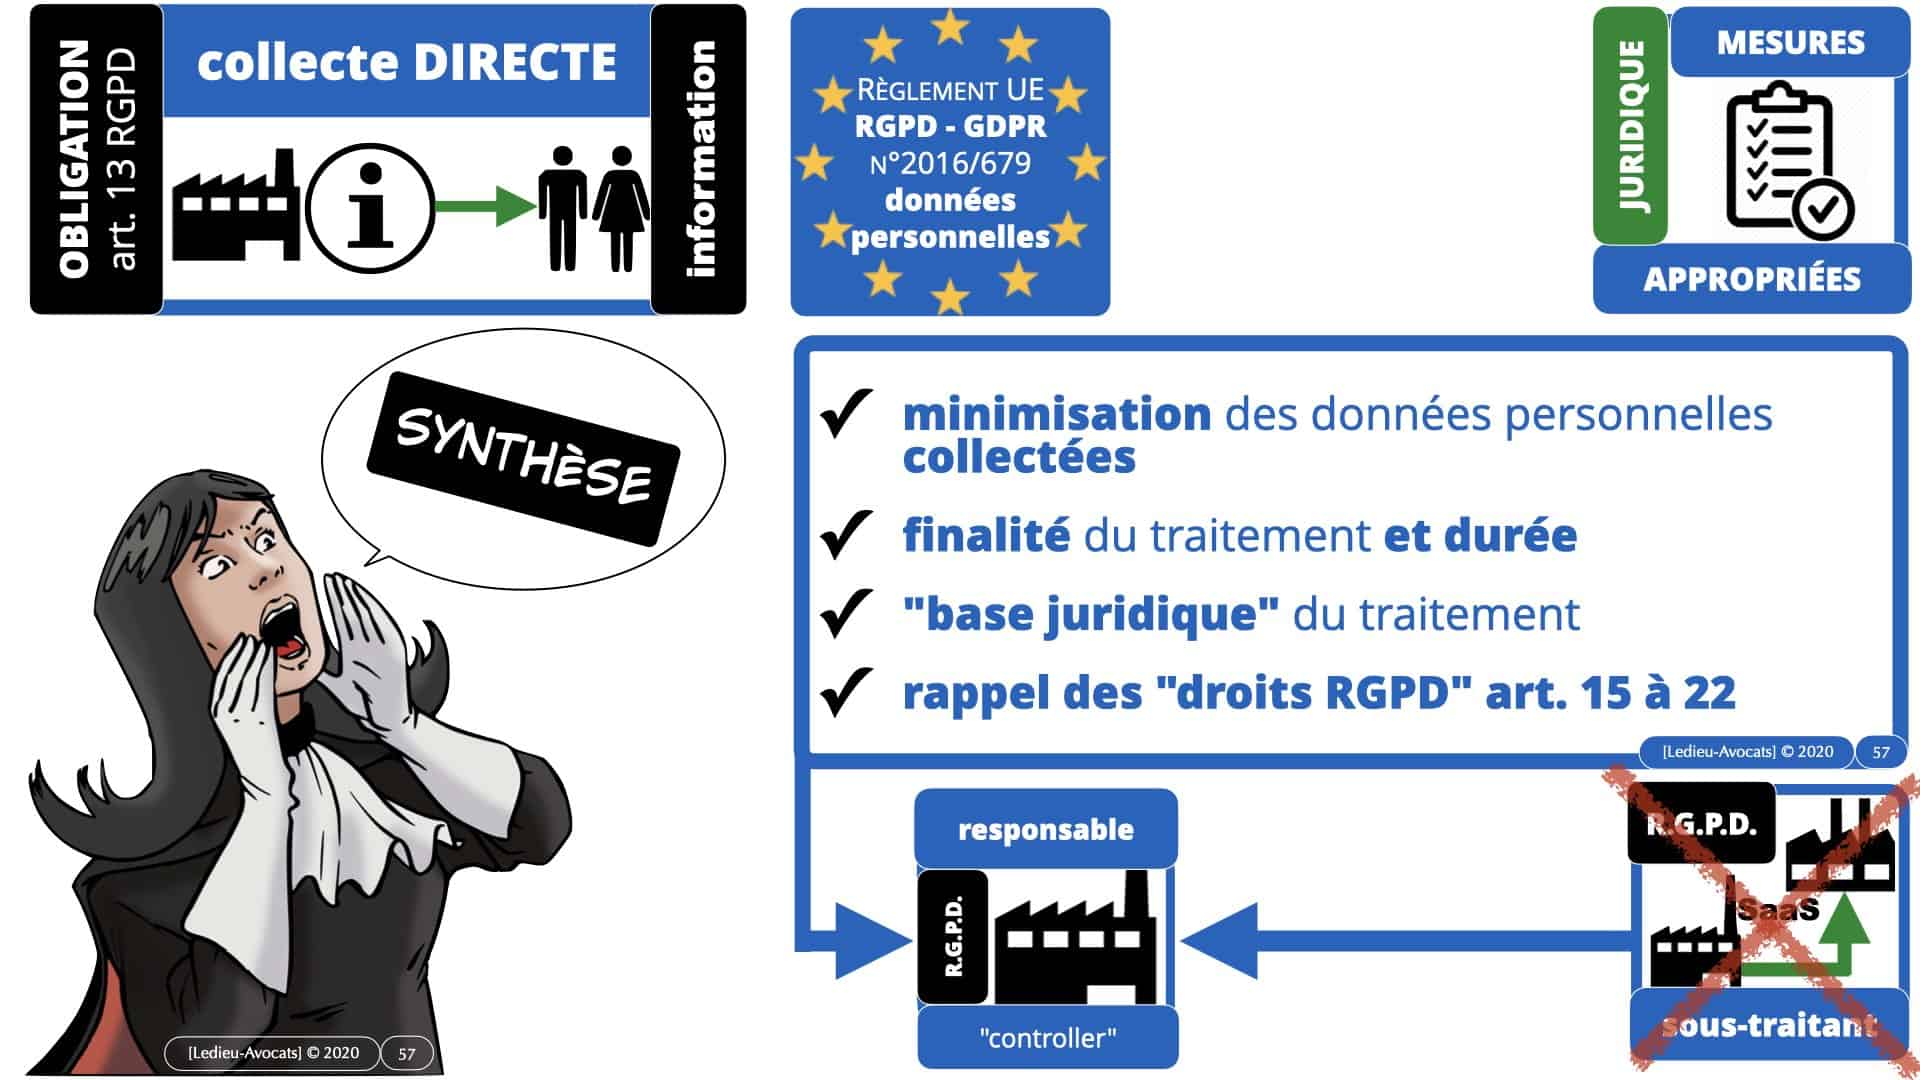 RGPD délibération CNIL Spartoo du 28 juillet 2020 n°SAN 2020-003 *16:9* ©Ledieu-Avocats 19-09-2020.057